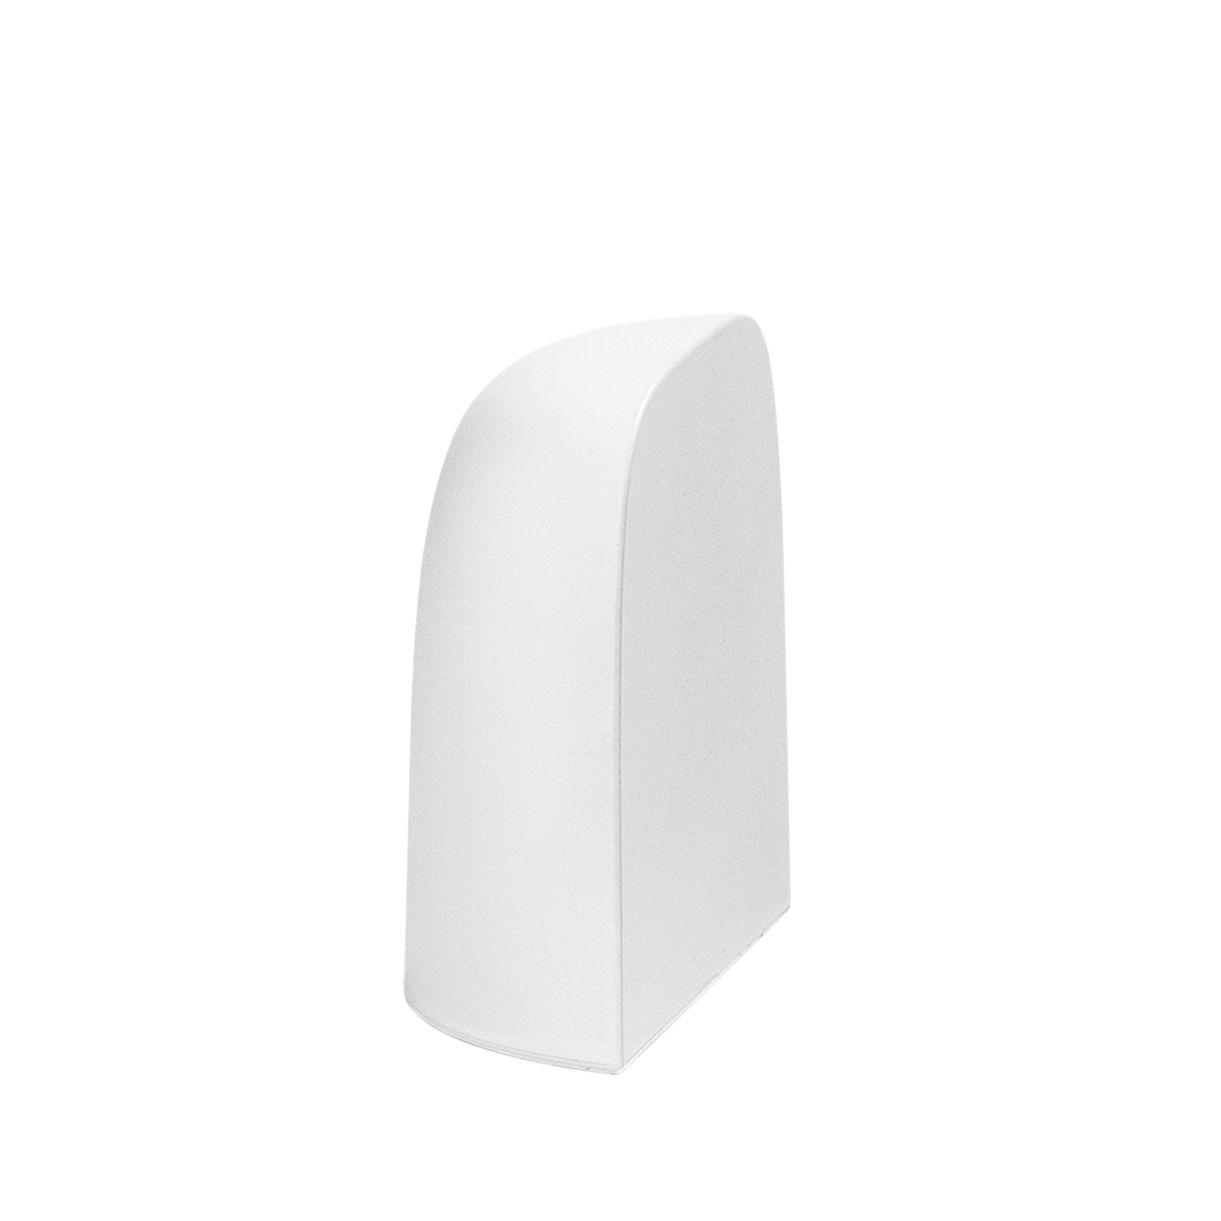 Luminaire - Lampes de table - Serre-livres aimanté / Pour lampe Gaku - Flos - Blanc - Polycarbonate